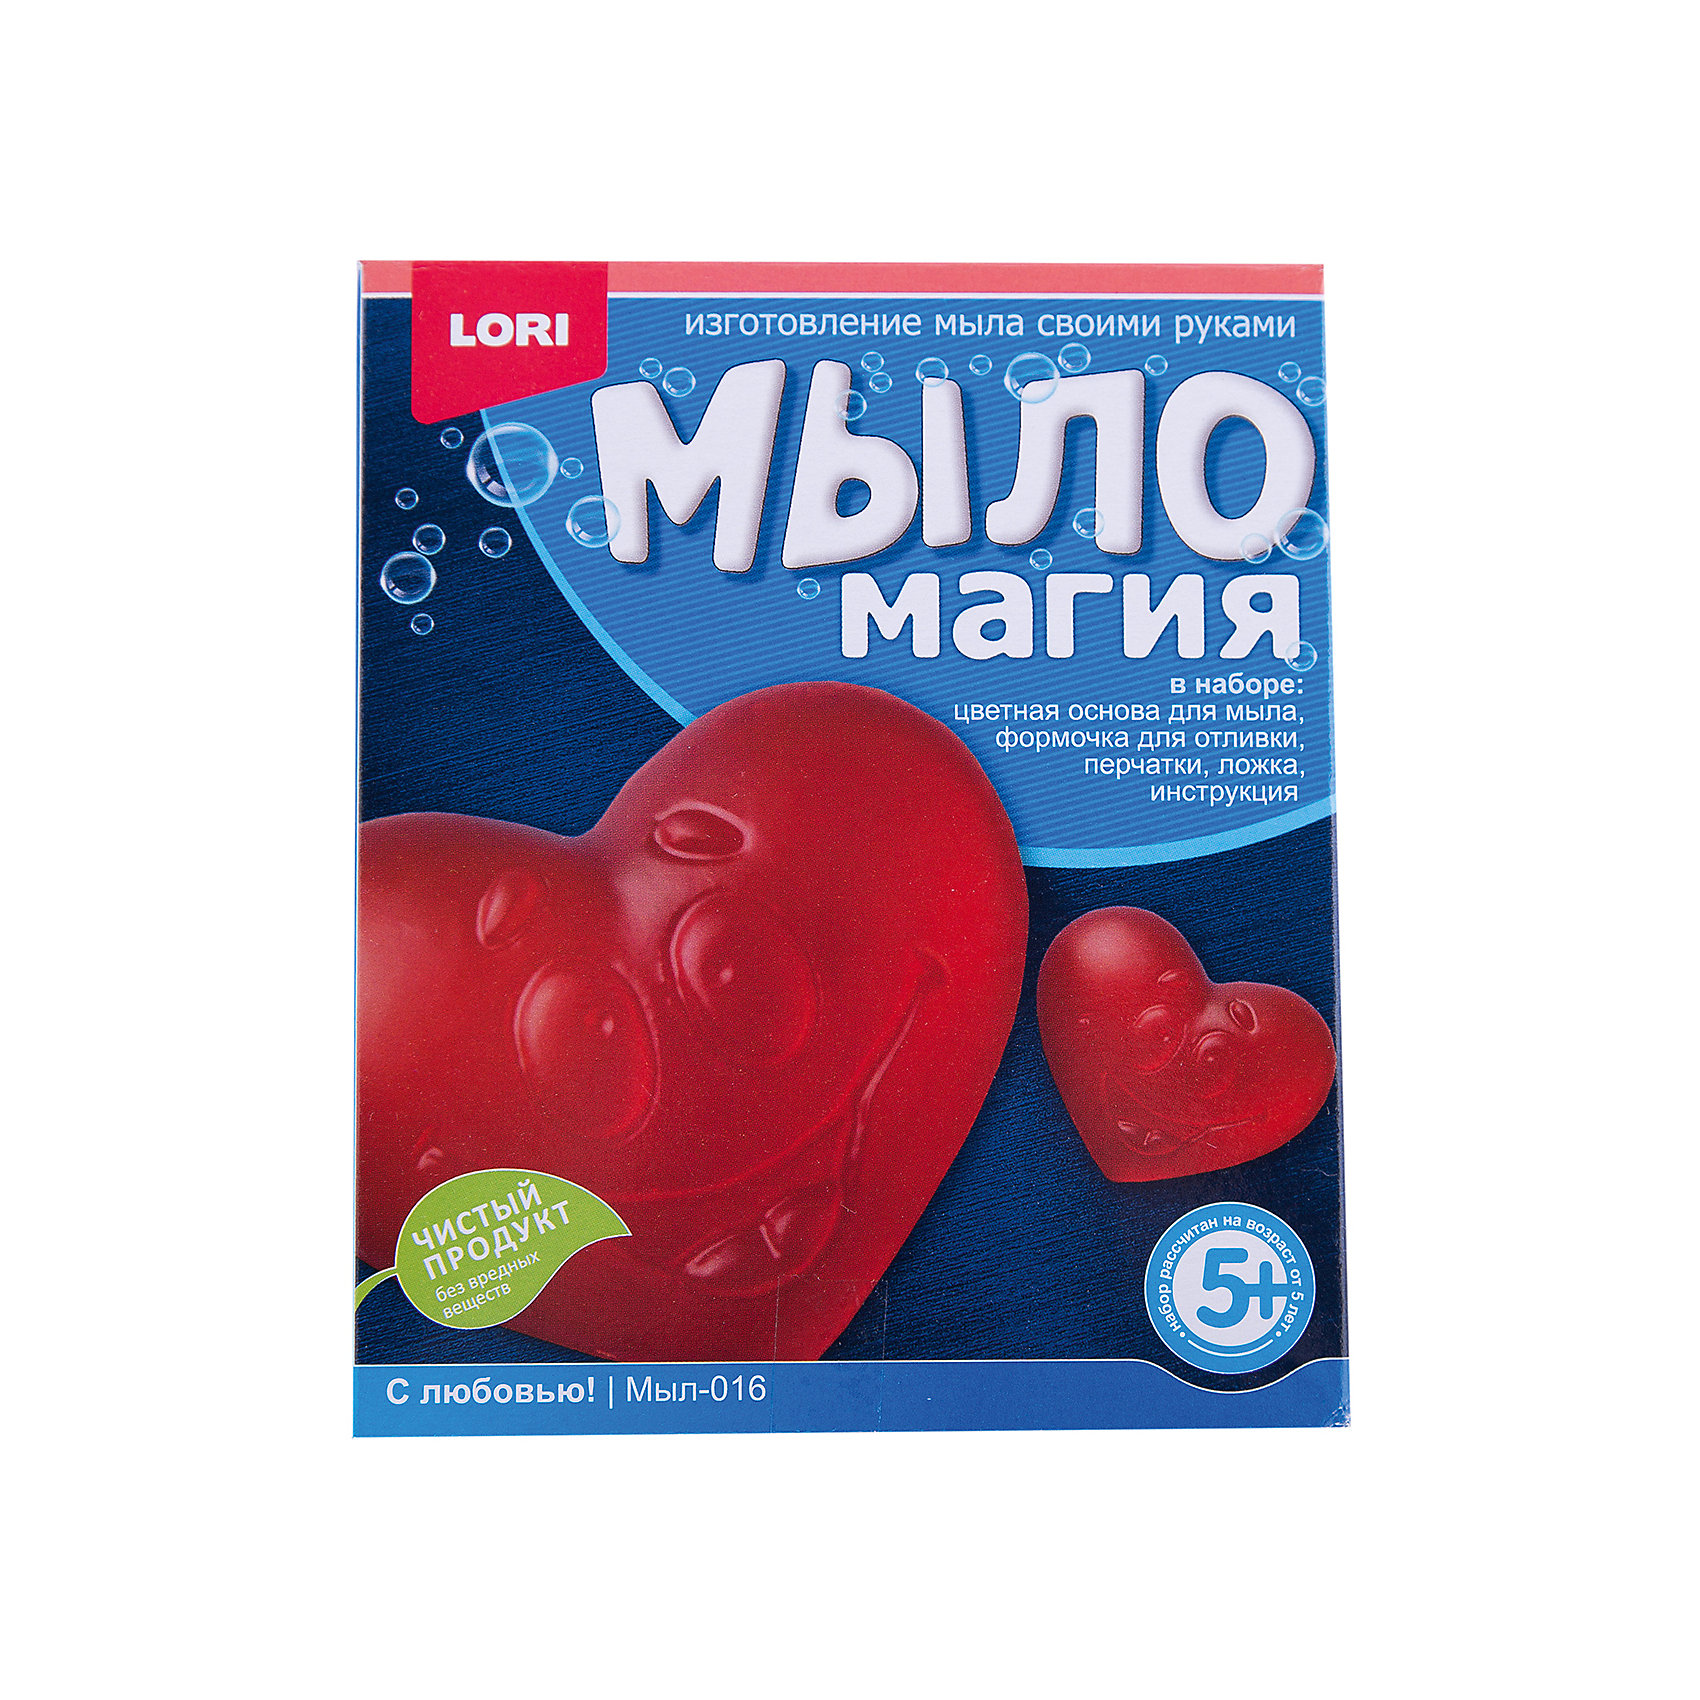 МылоМагия С любовью!Создание мыла<br>Основа для мыла емкость для растапливания, форма для заливки мыльного раствора, пищевой краситель, пипетка, перчатки, ложка инструкция<br><br>Ширина мм: 40<br>Глубина мм: 135<br>Высота мм: 113<br>Вес г: 350<br>Возраст от месяцев: 60<br>Возраст до месяцев: 84<br>Пол: Унисекс<br>Возраст: Детский<br>SKU: 5032300